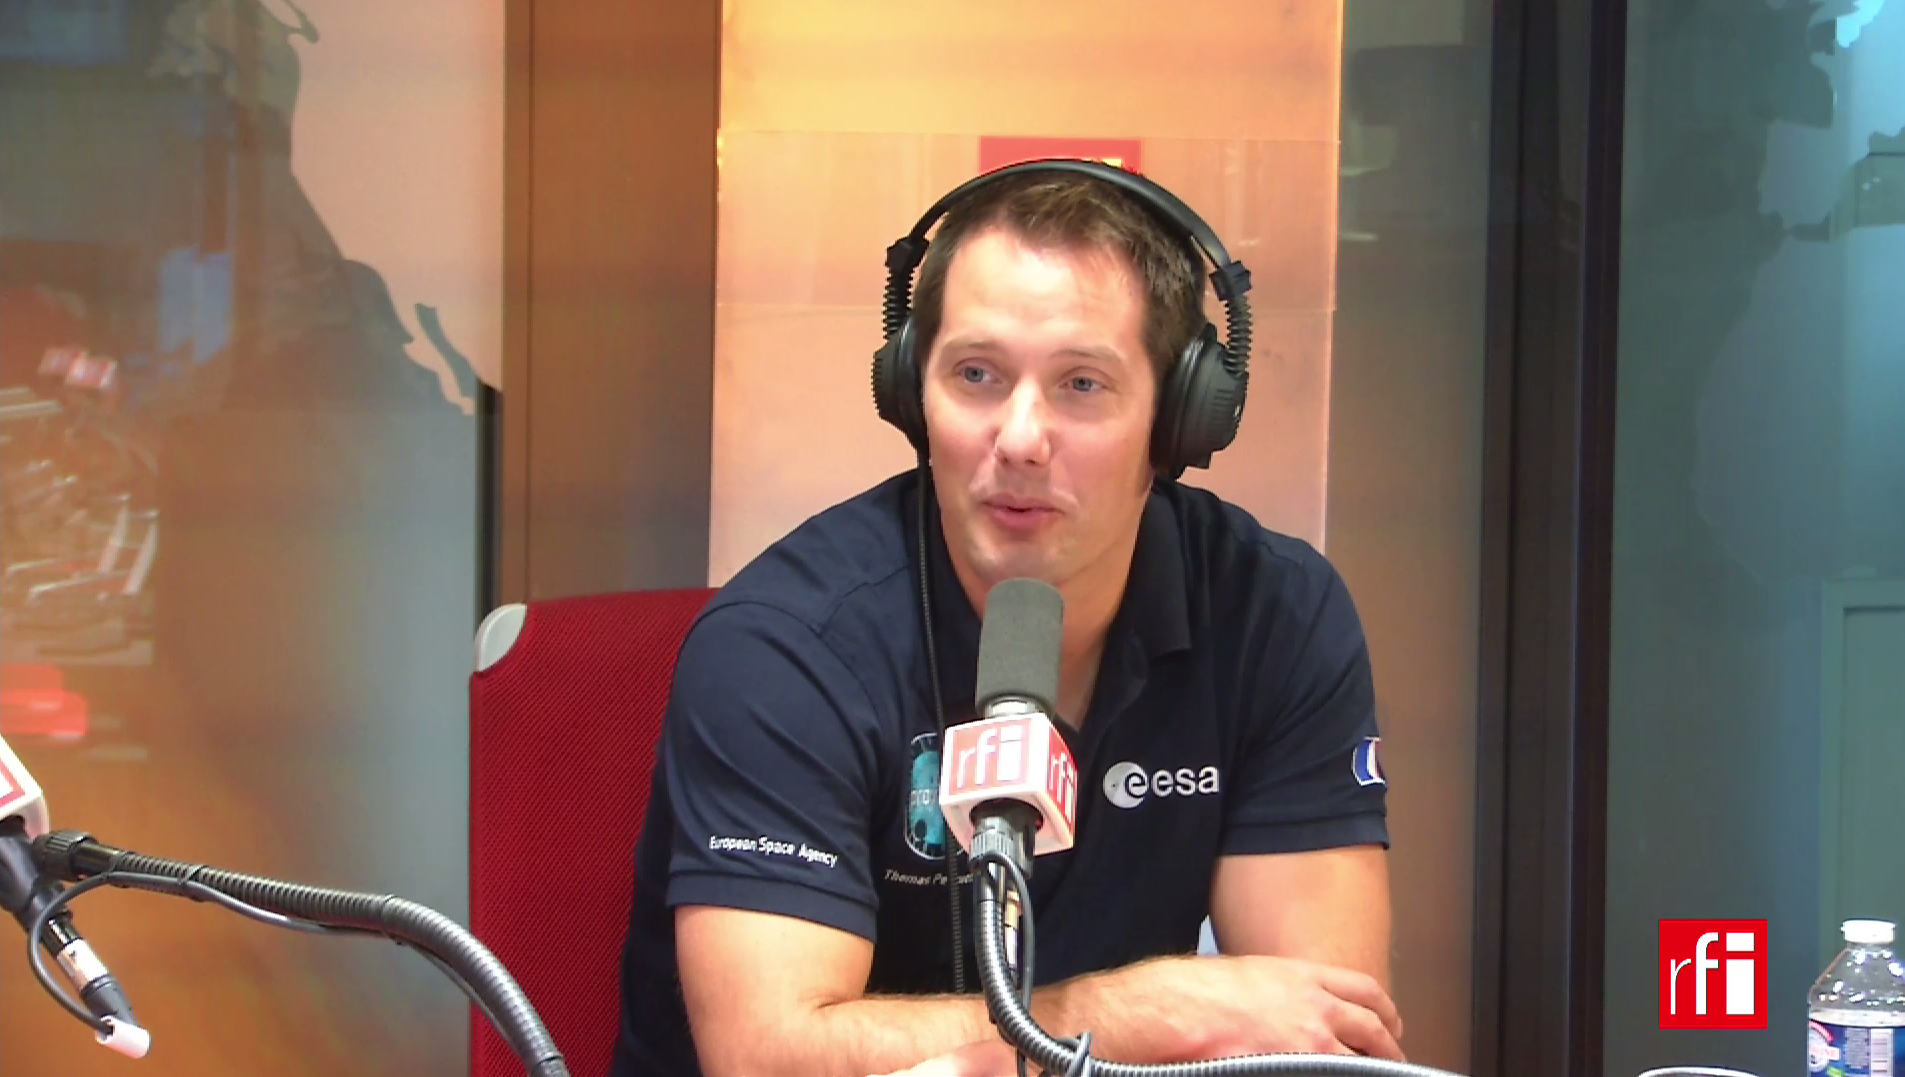 Тома Песке в студии RFI 10 октября 2017 года.